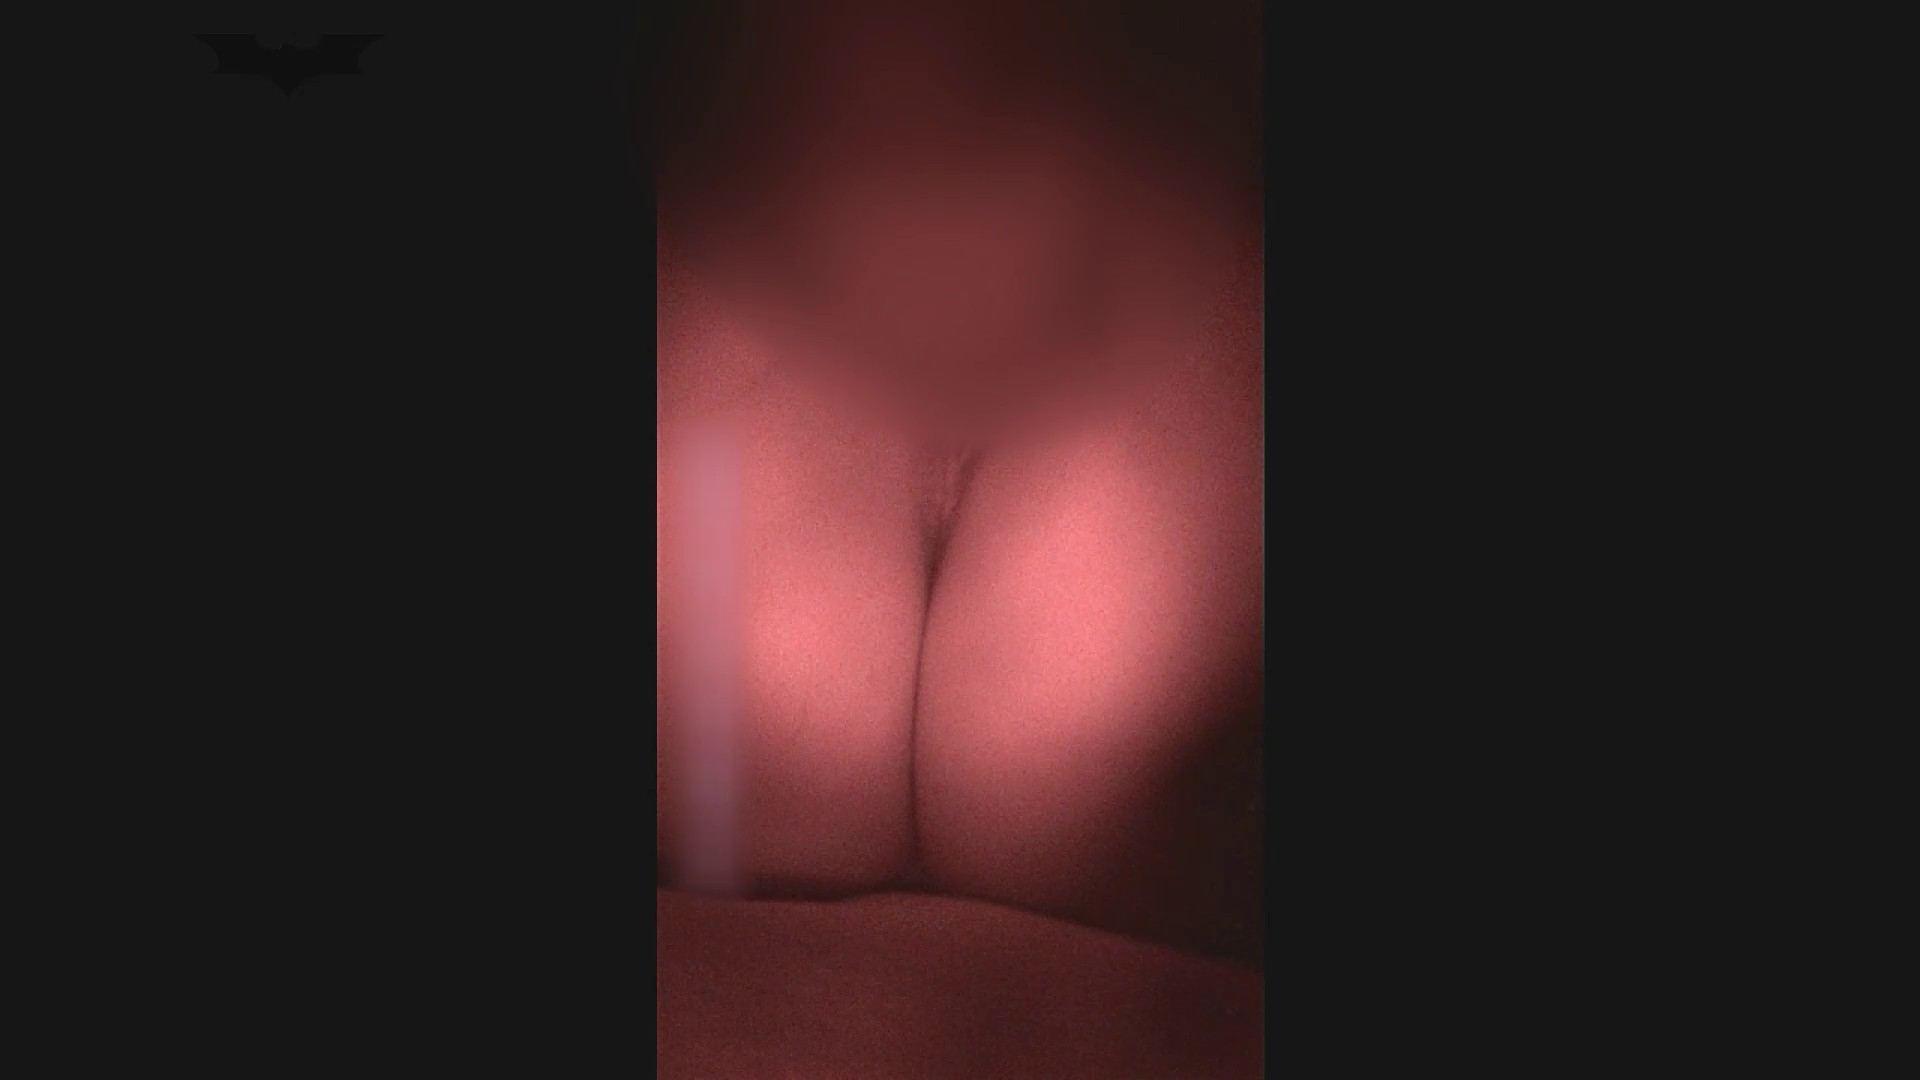 【40位 2016】(注)の せっくす(シリーズ 5人目) Vol.43 OLの実態  97pic 12